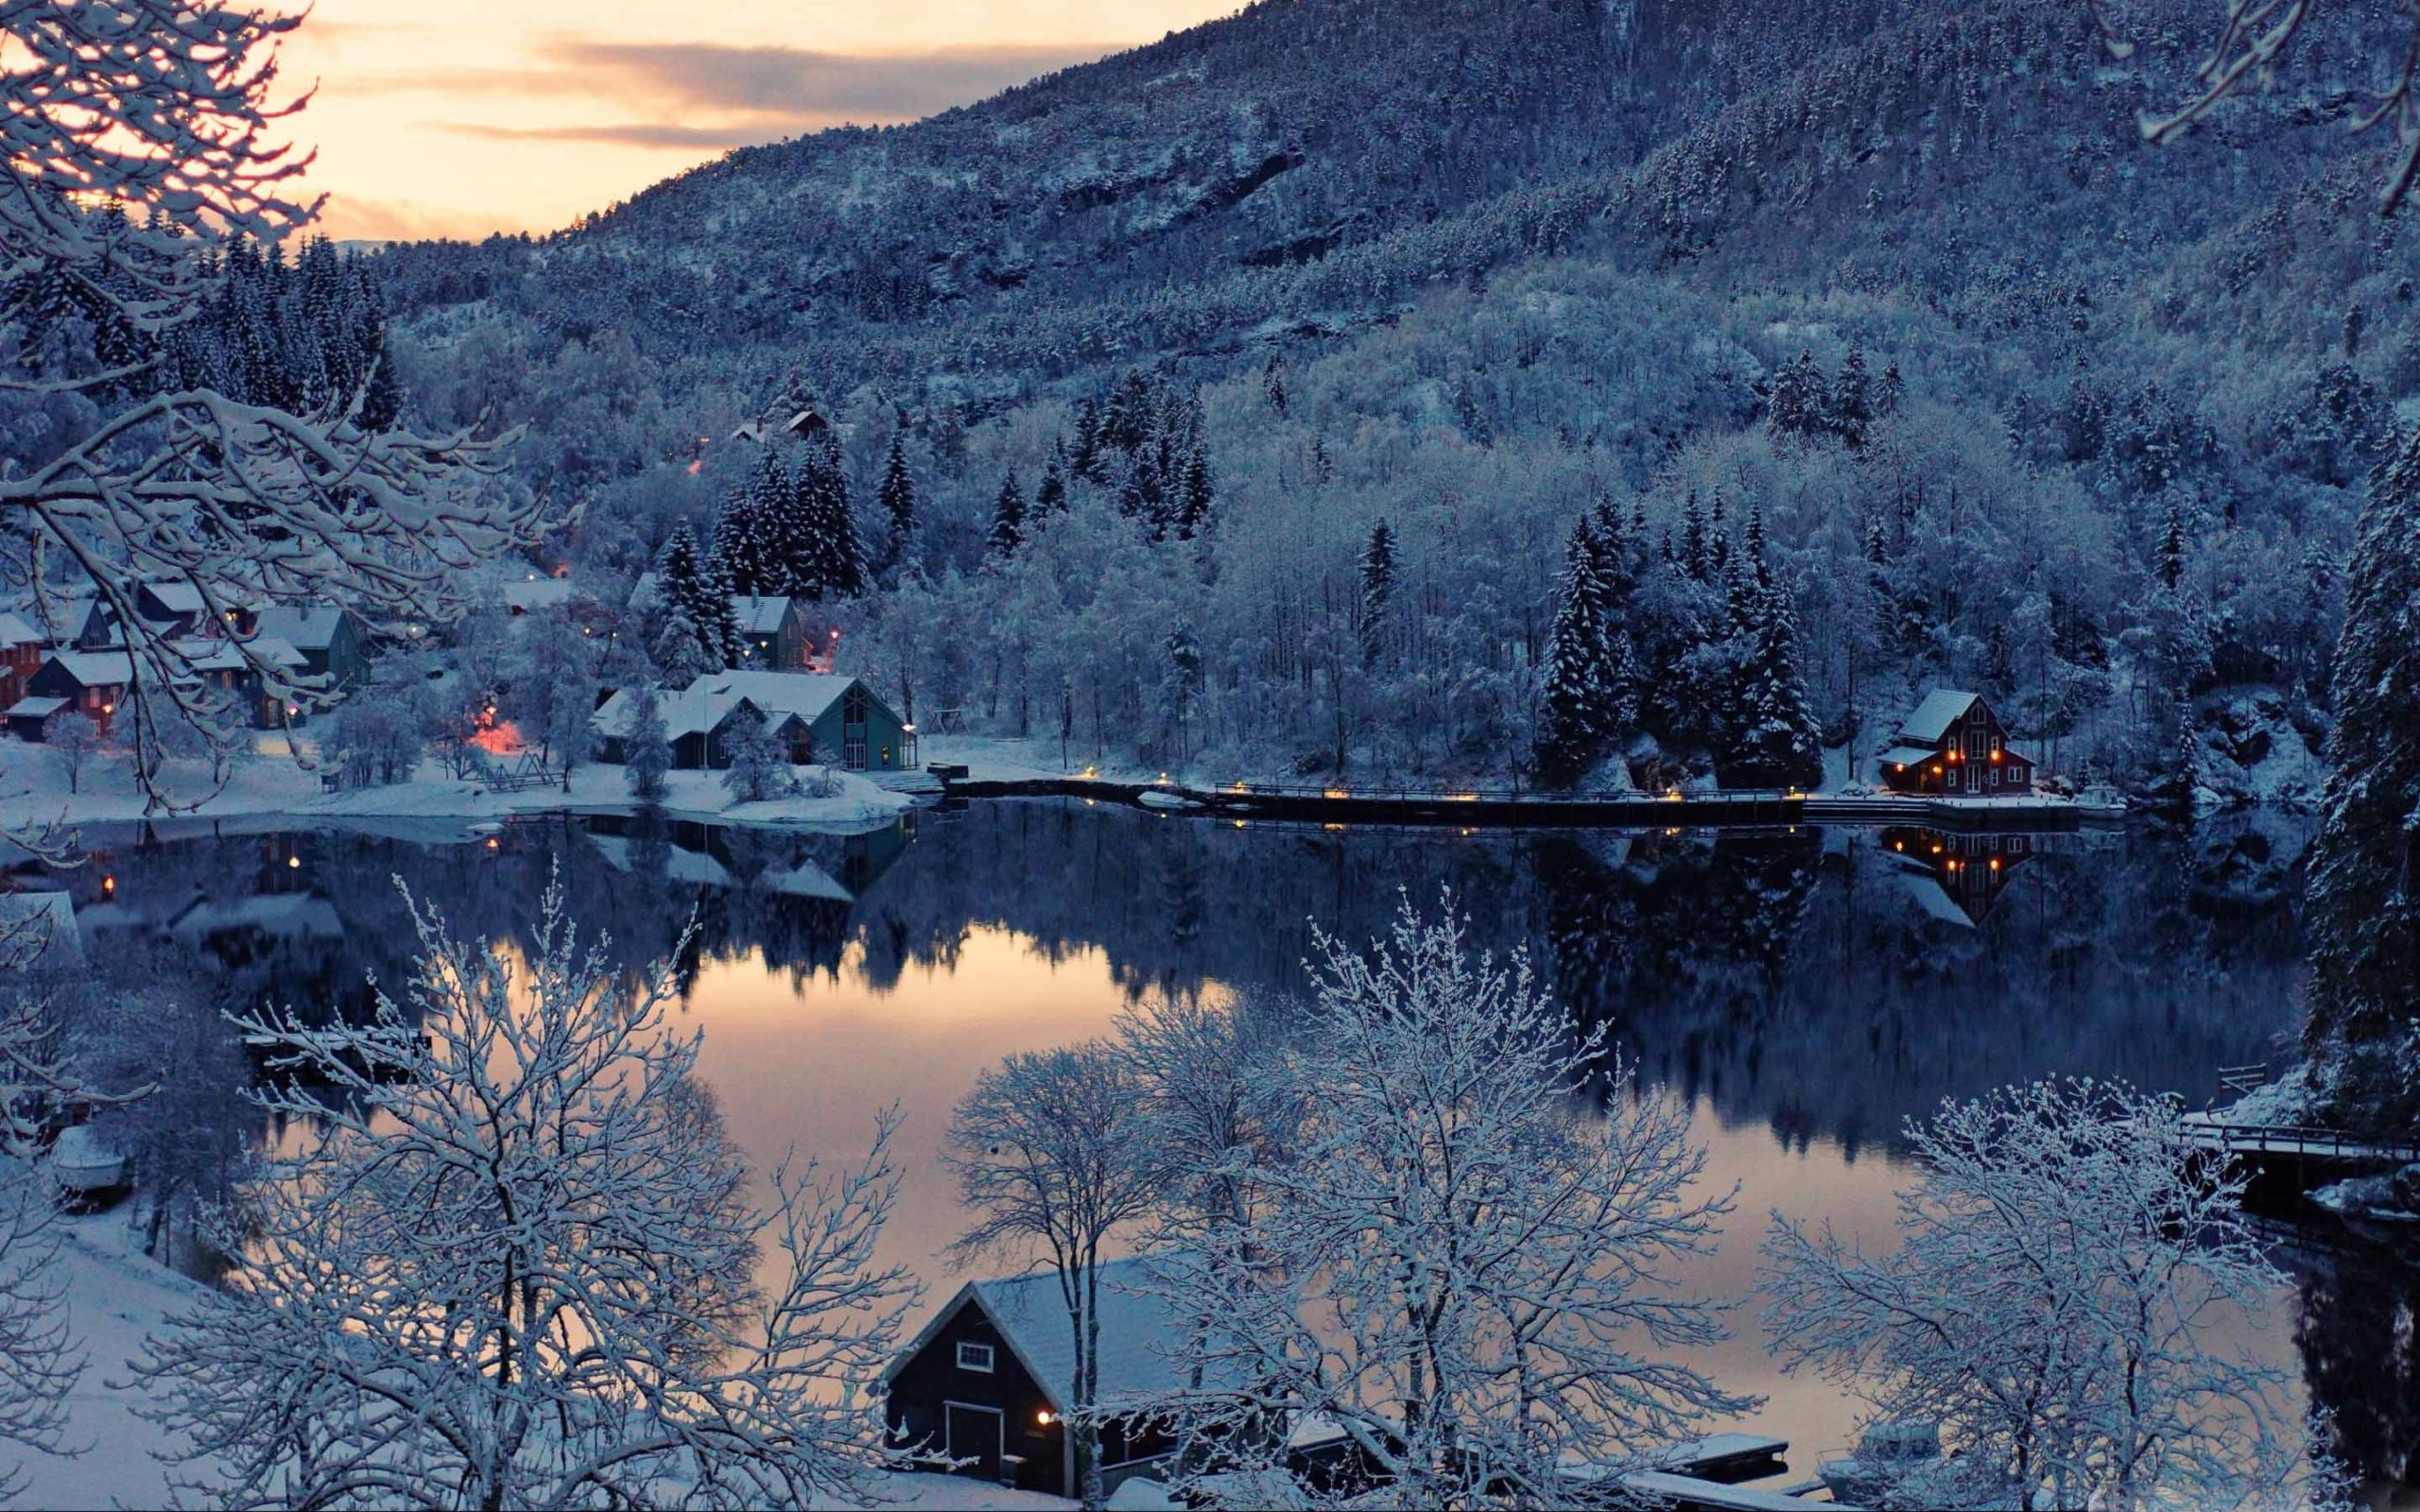 Mountain Resort Winter MacBook Pro Wallpaper Download 2560x1600